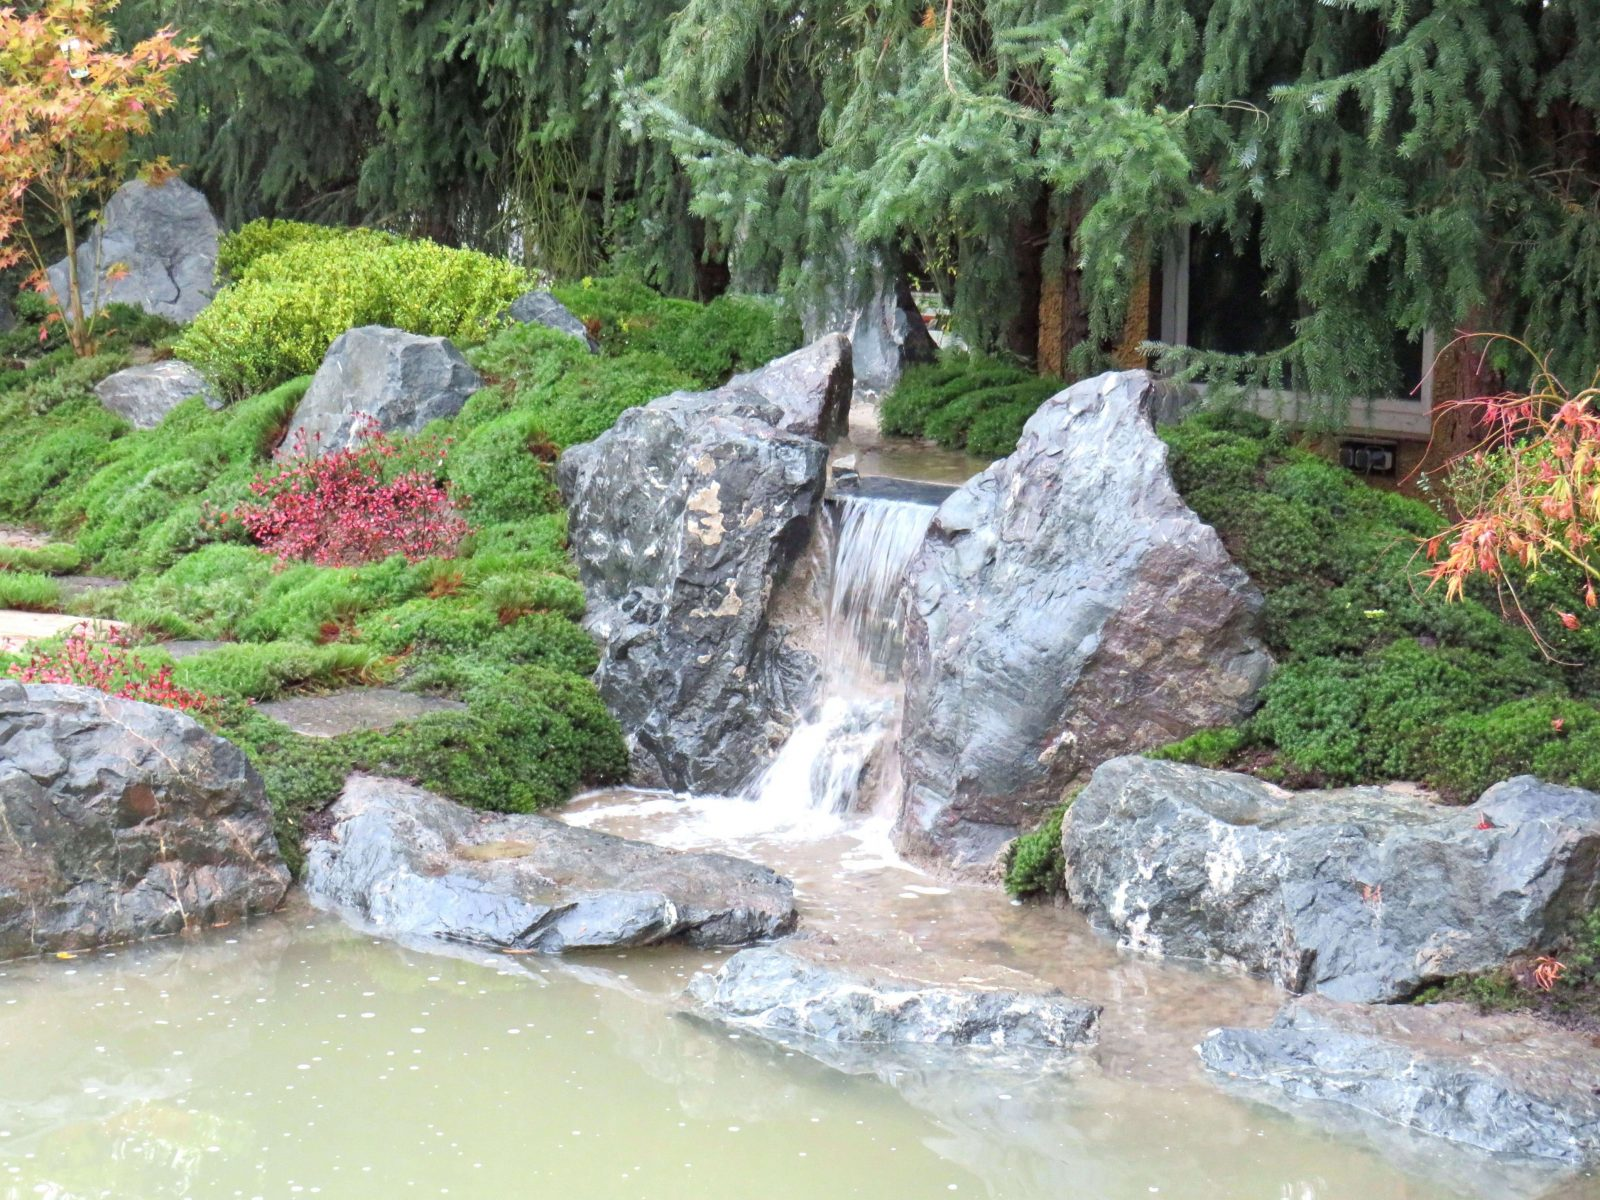 31 Luxus Garten Wasserfall Selber Bauen Designideen Von Teich von Teich Mit Wasserfall Selber Bauen Photo